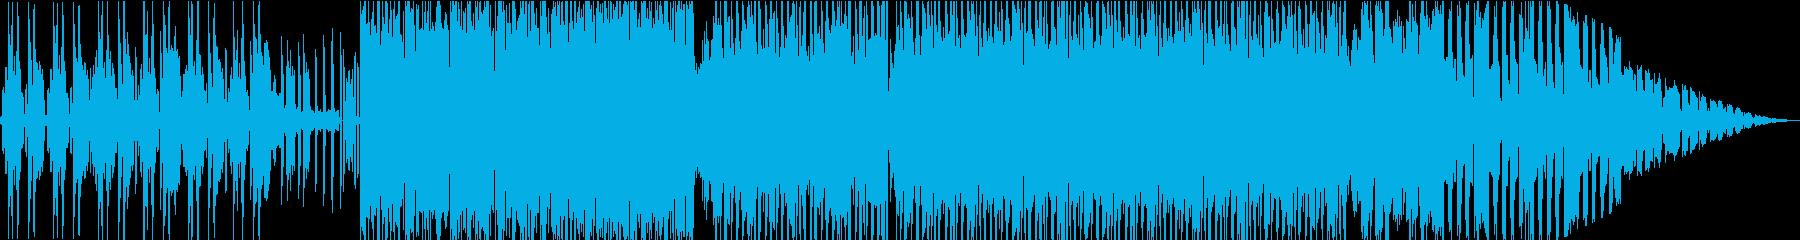 紹介プロモーション向きオープニングEDMの再生済みの波形